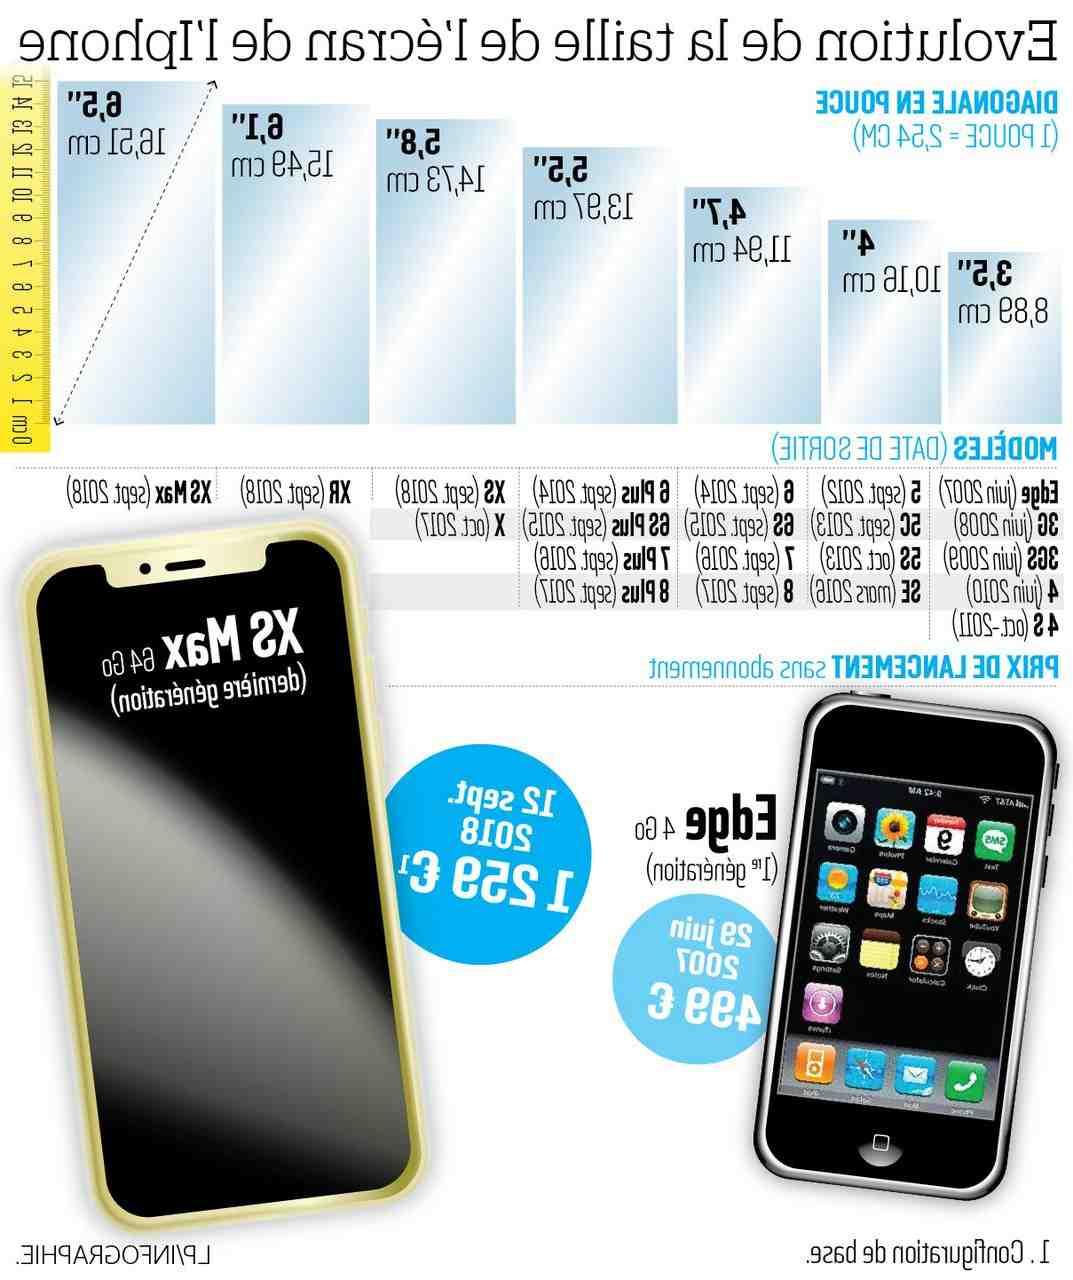 Écran de l'Iphone 5